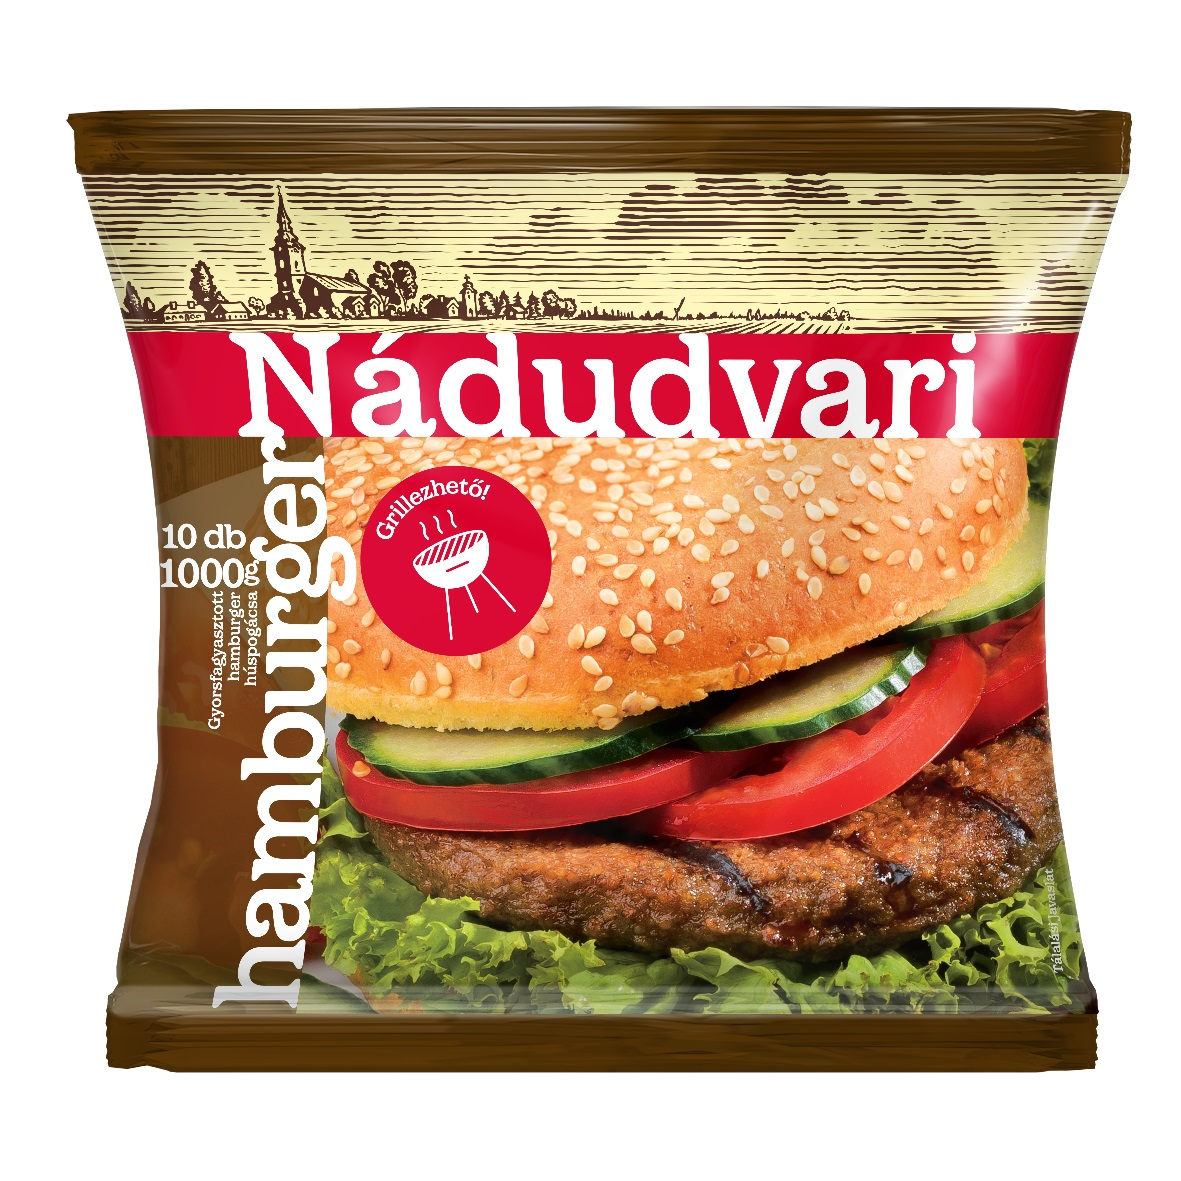 NÁDUDVARI Sertés hamburger 1000g